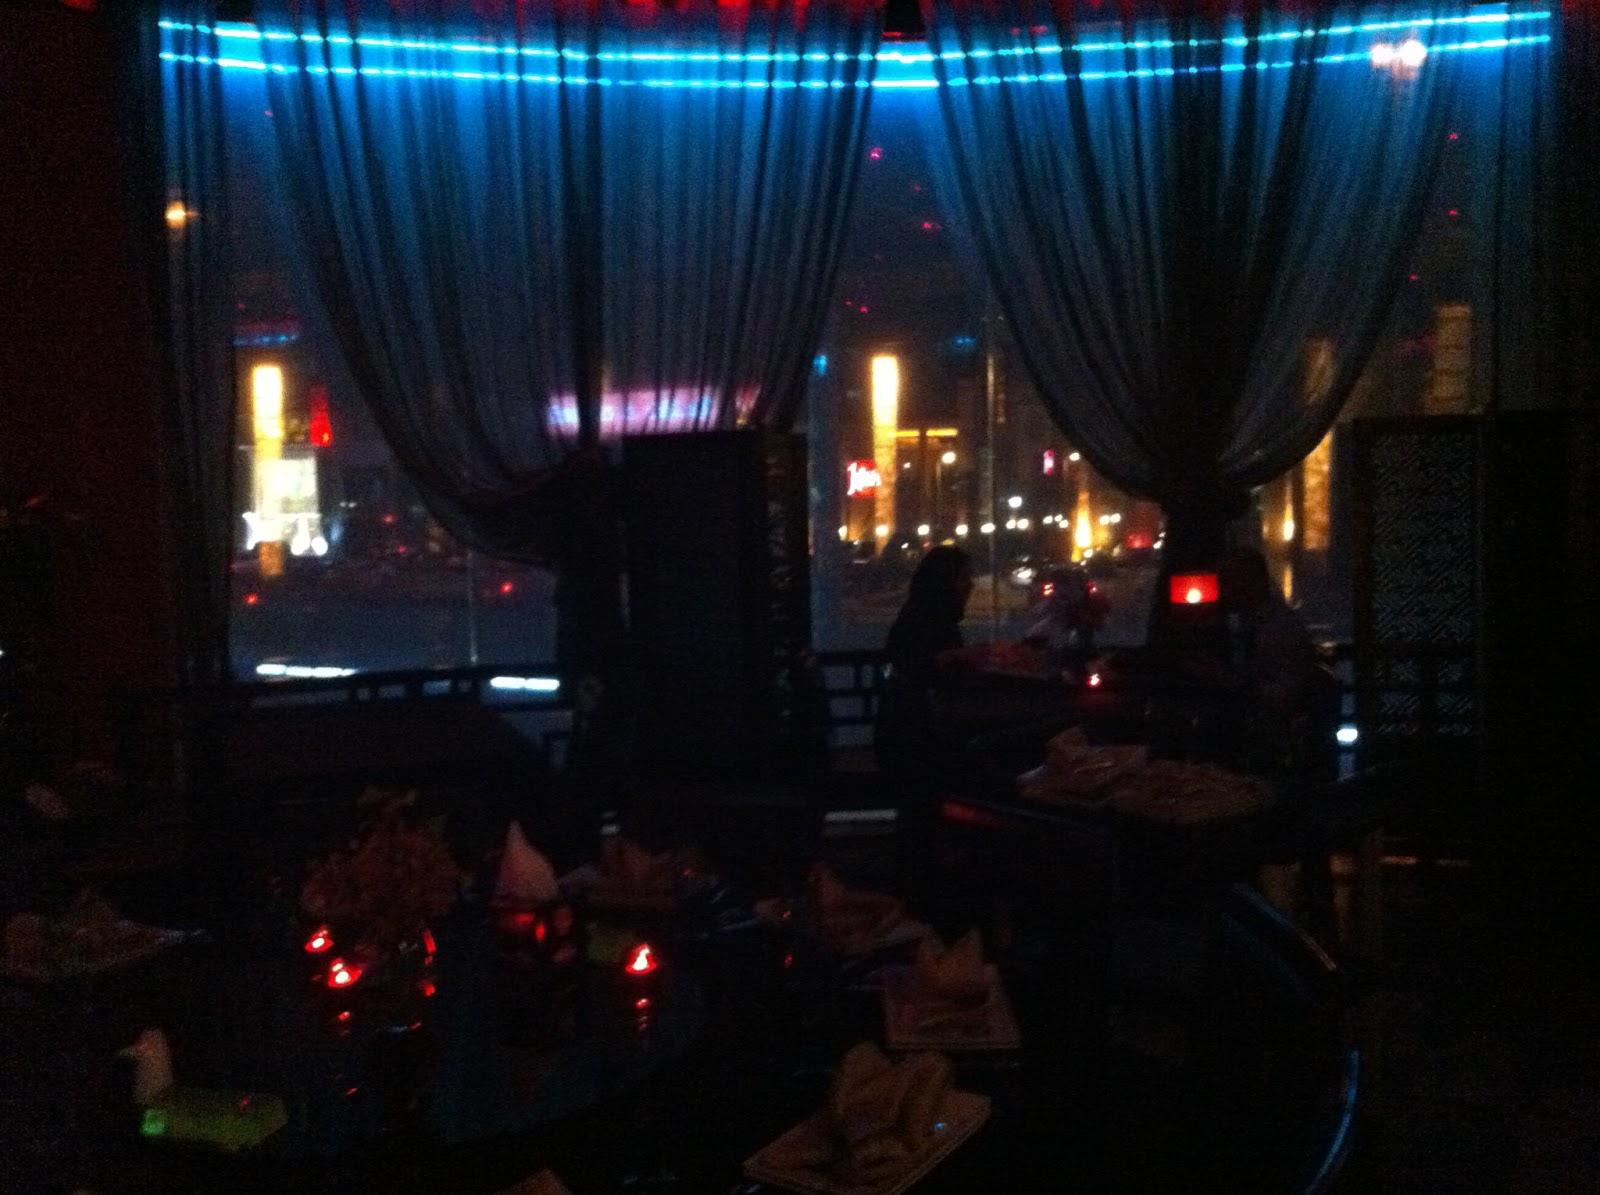 Mirage - Best Restaurants in Riyadh